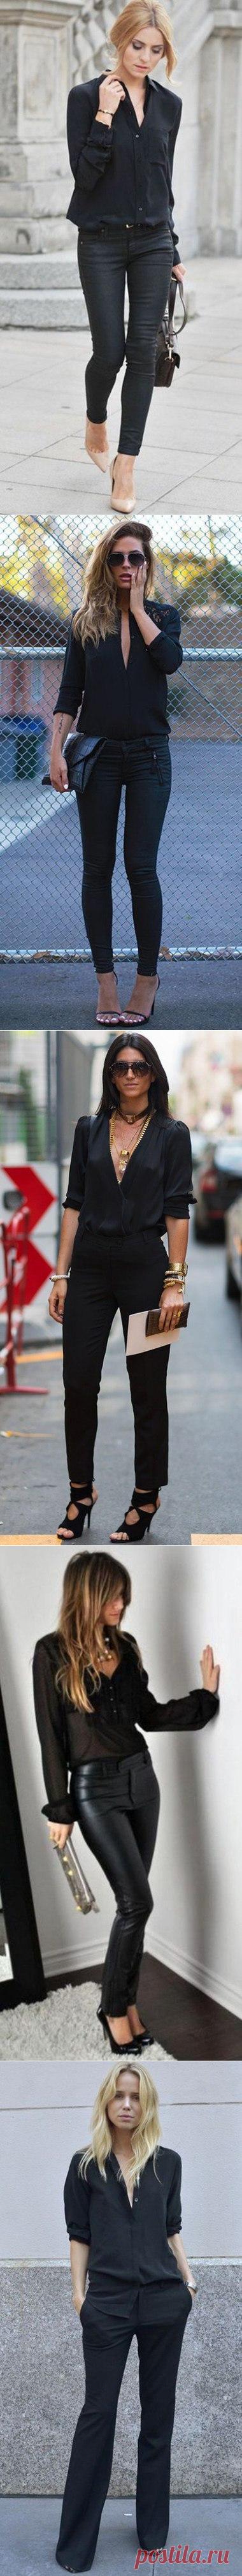 Черные блузы и образы с ними — Модно / Nemodno